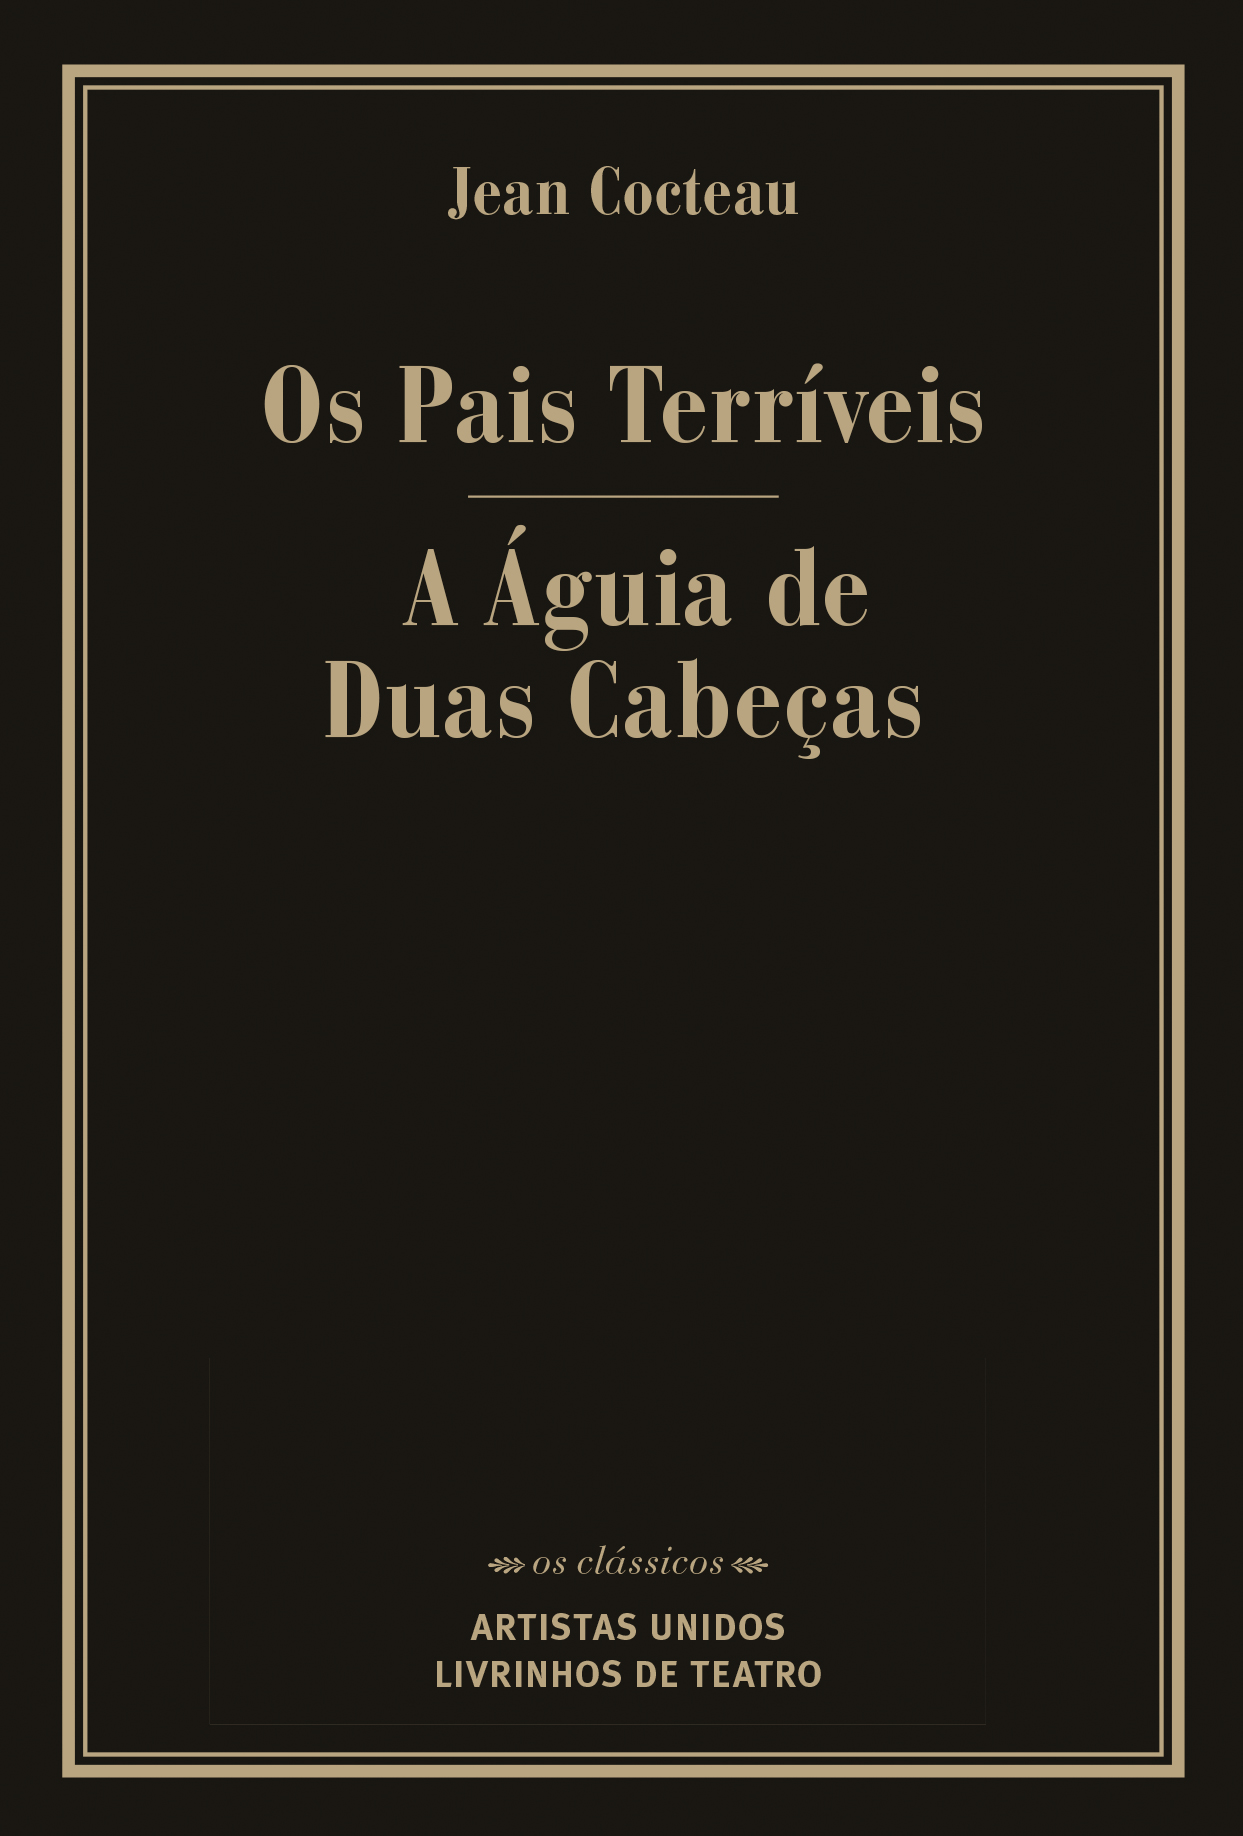 A ÁGUIA DE DUAS CABEÇAS/ OS PAIS TERRÍVEIS